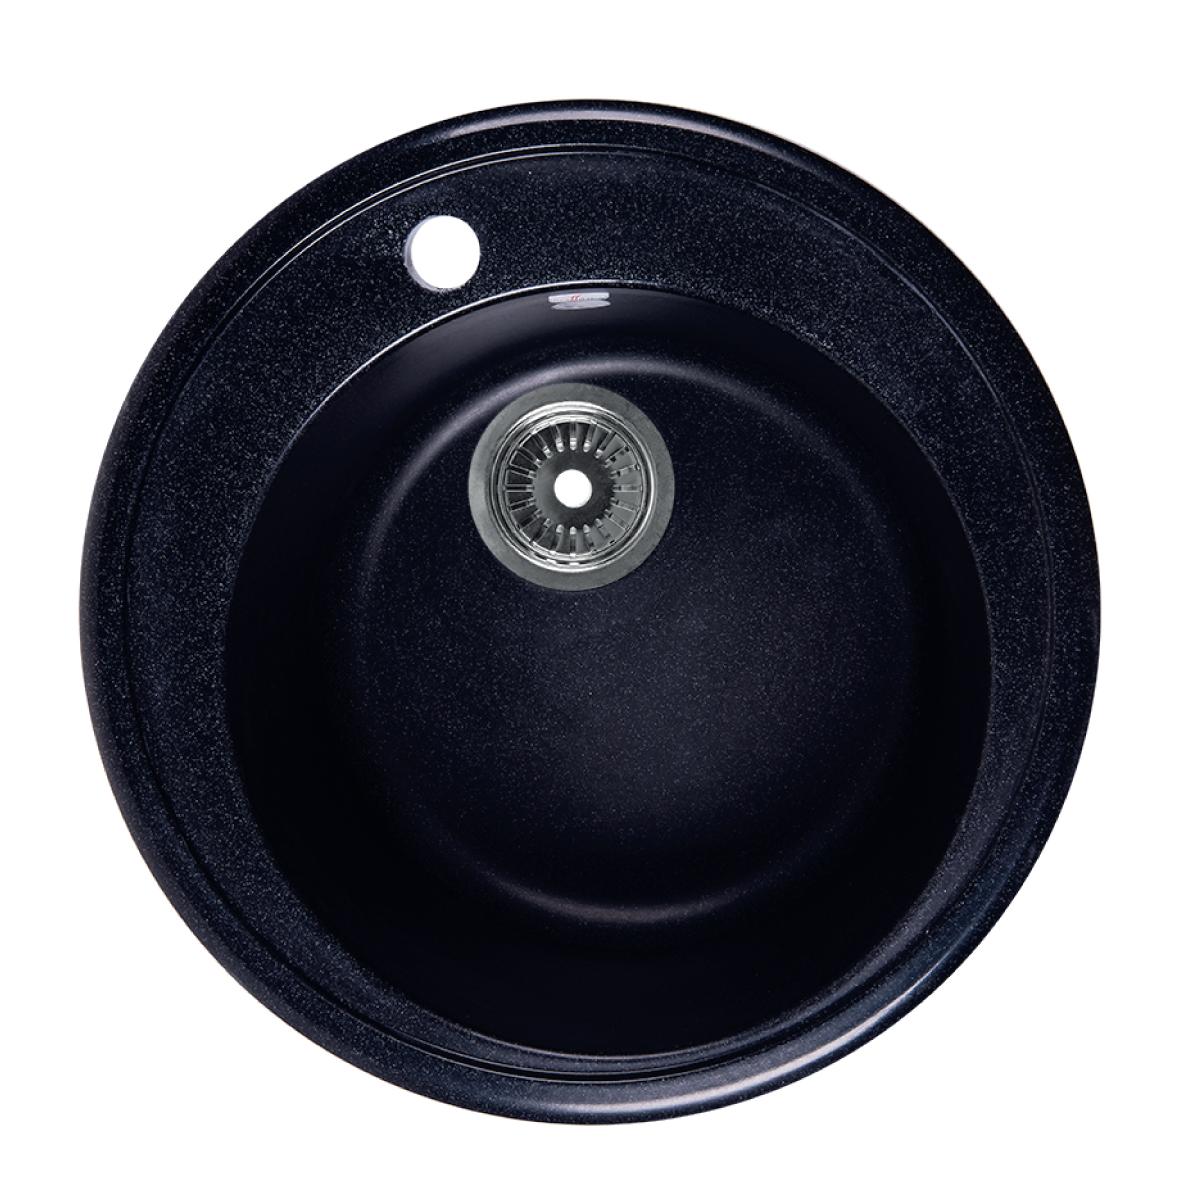 Мойка Rossinka для кухни из исскуственного камня круглая, с сифоном, RS51R-Black